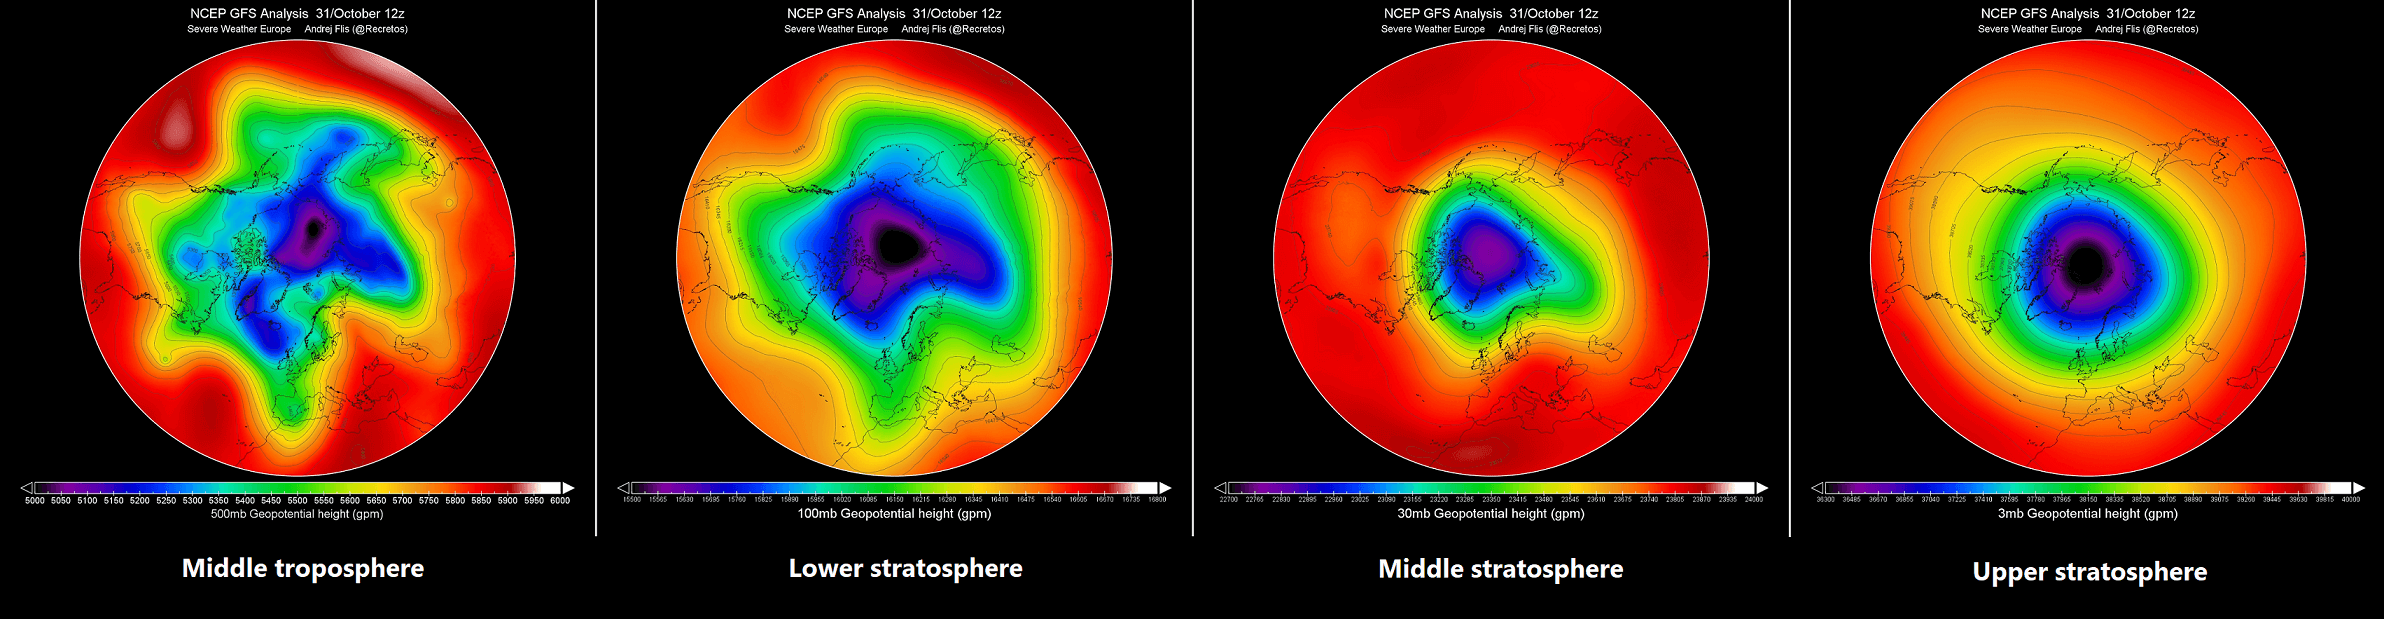 polar-vortex-winter-weather-by-altitude-north-hemisphere-comparison